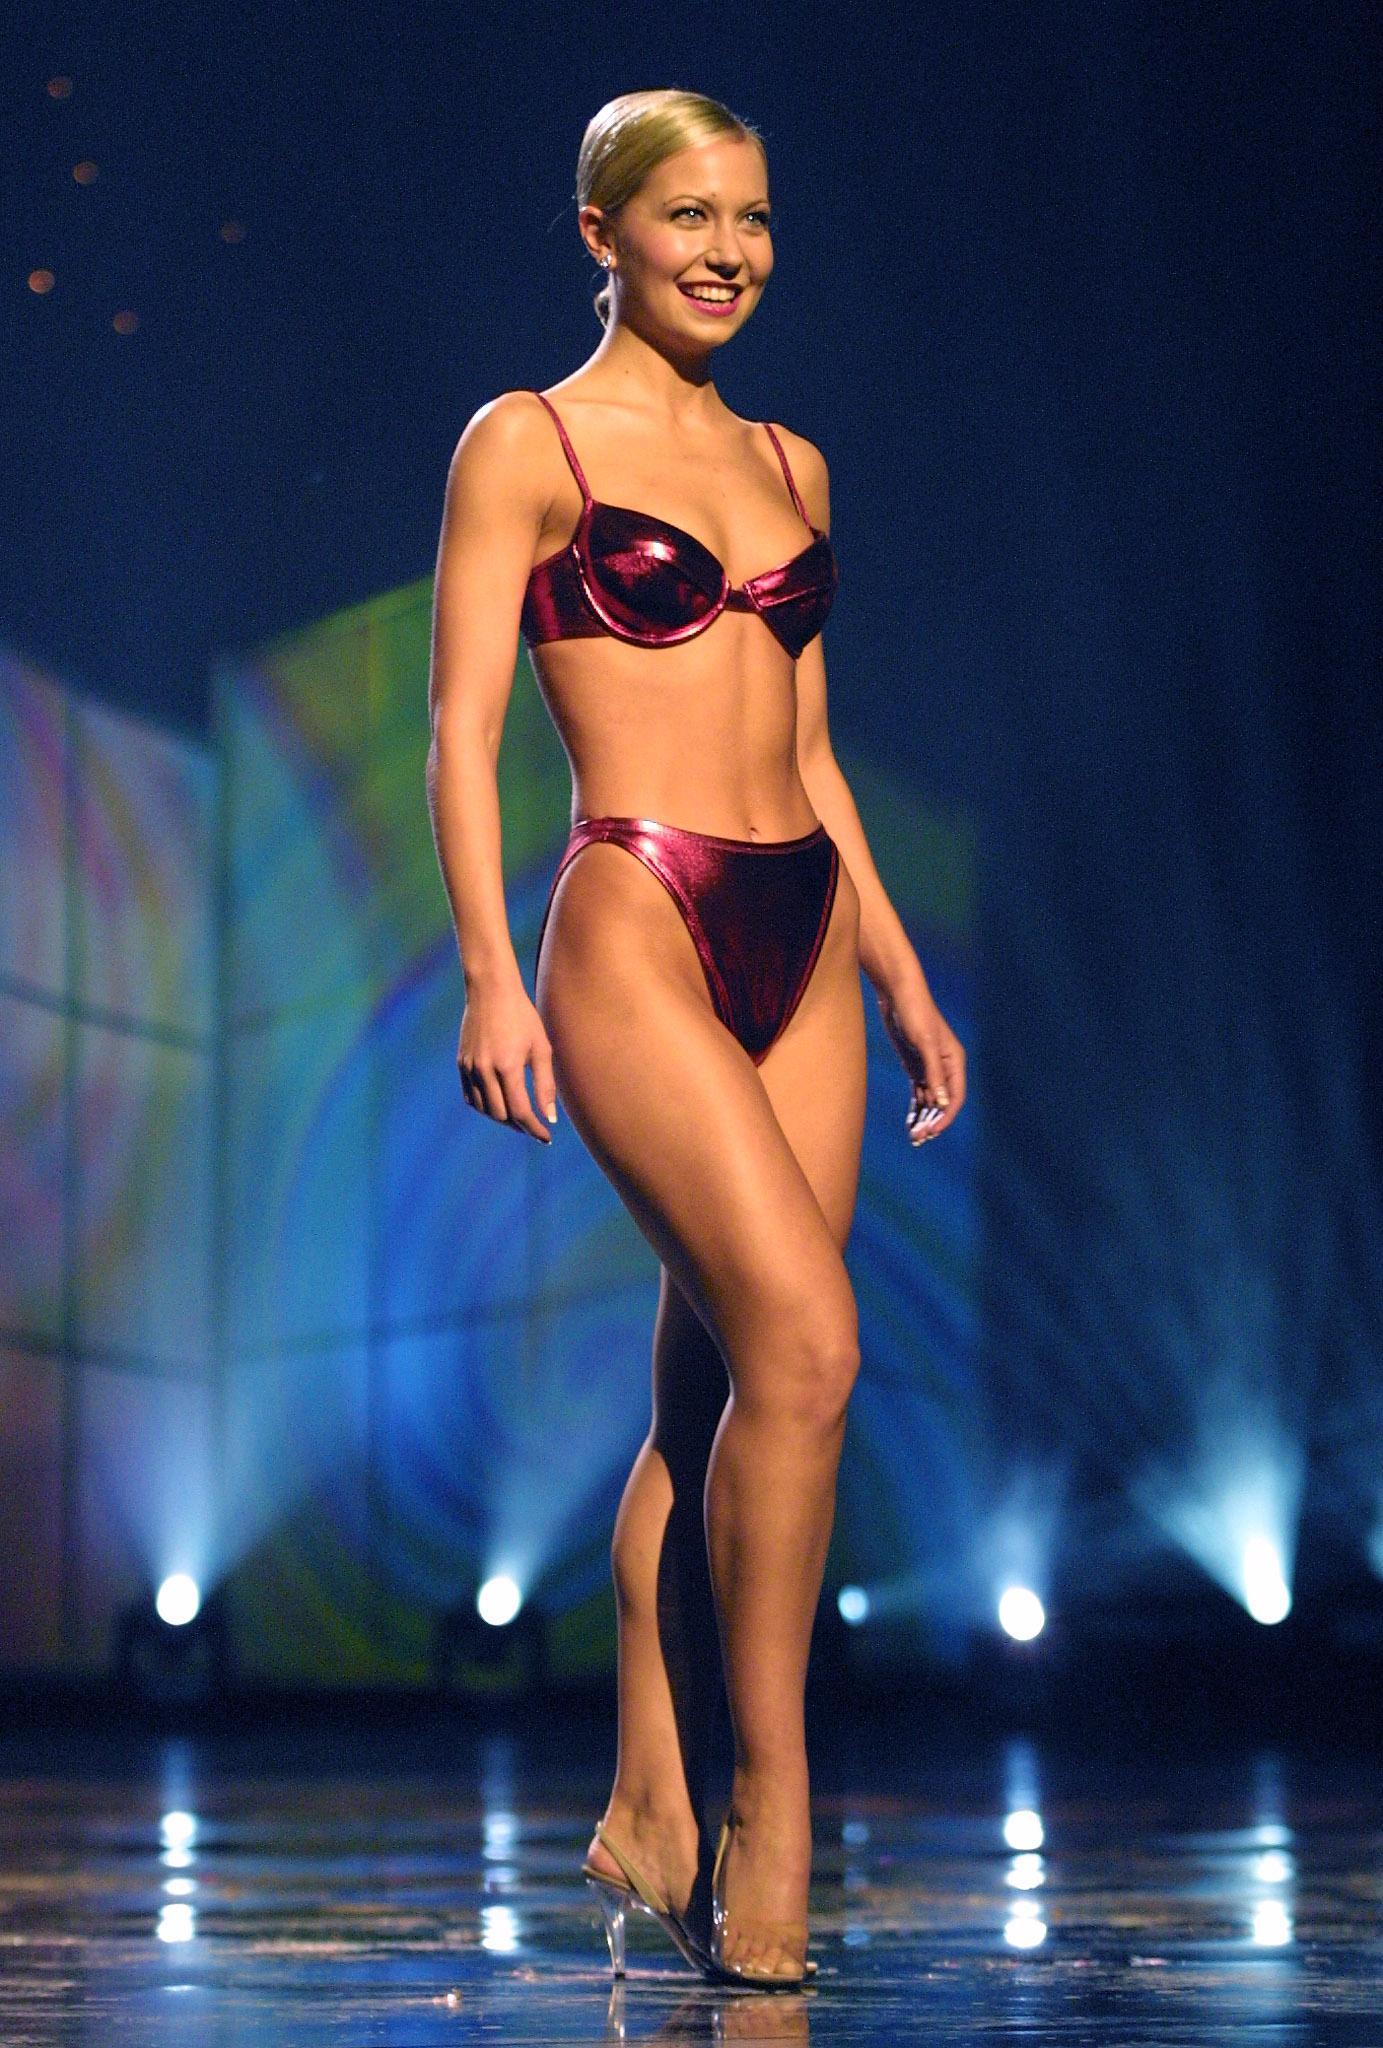 2002: Katie Harman from Gresham, Ore.